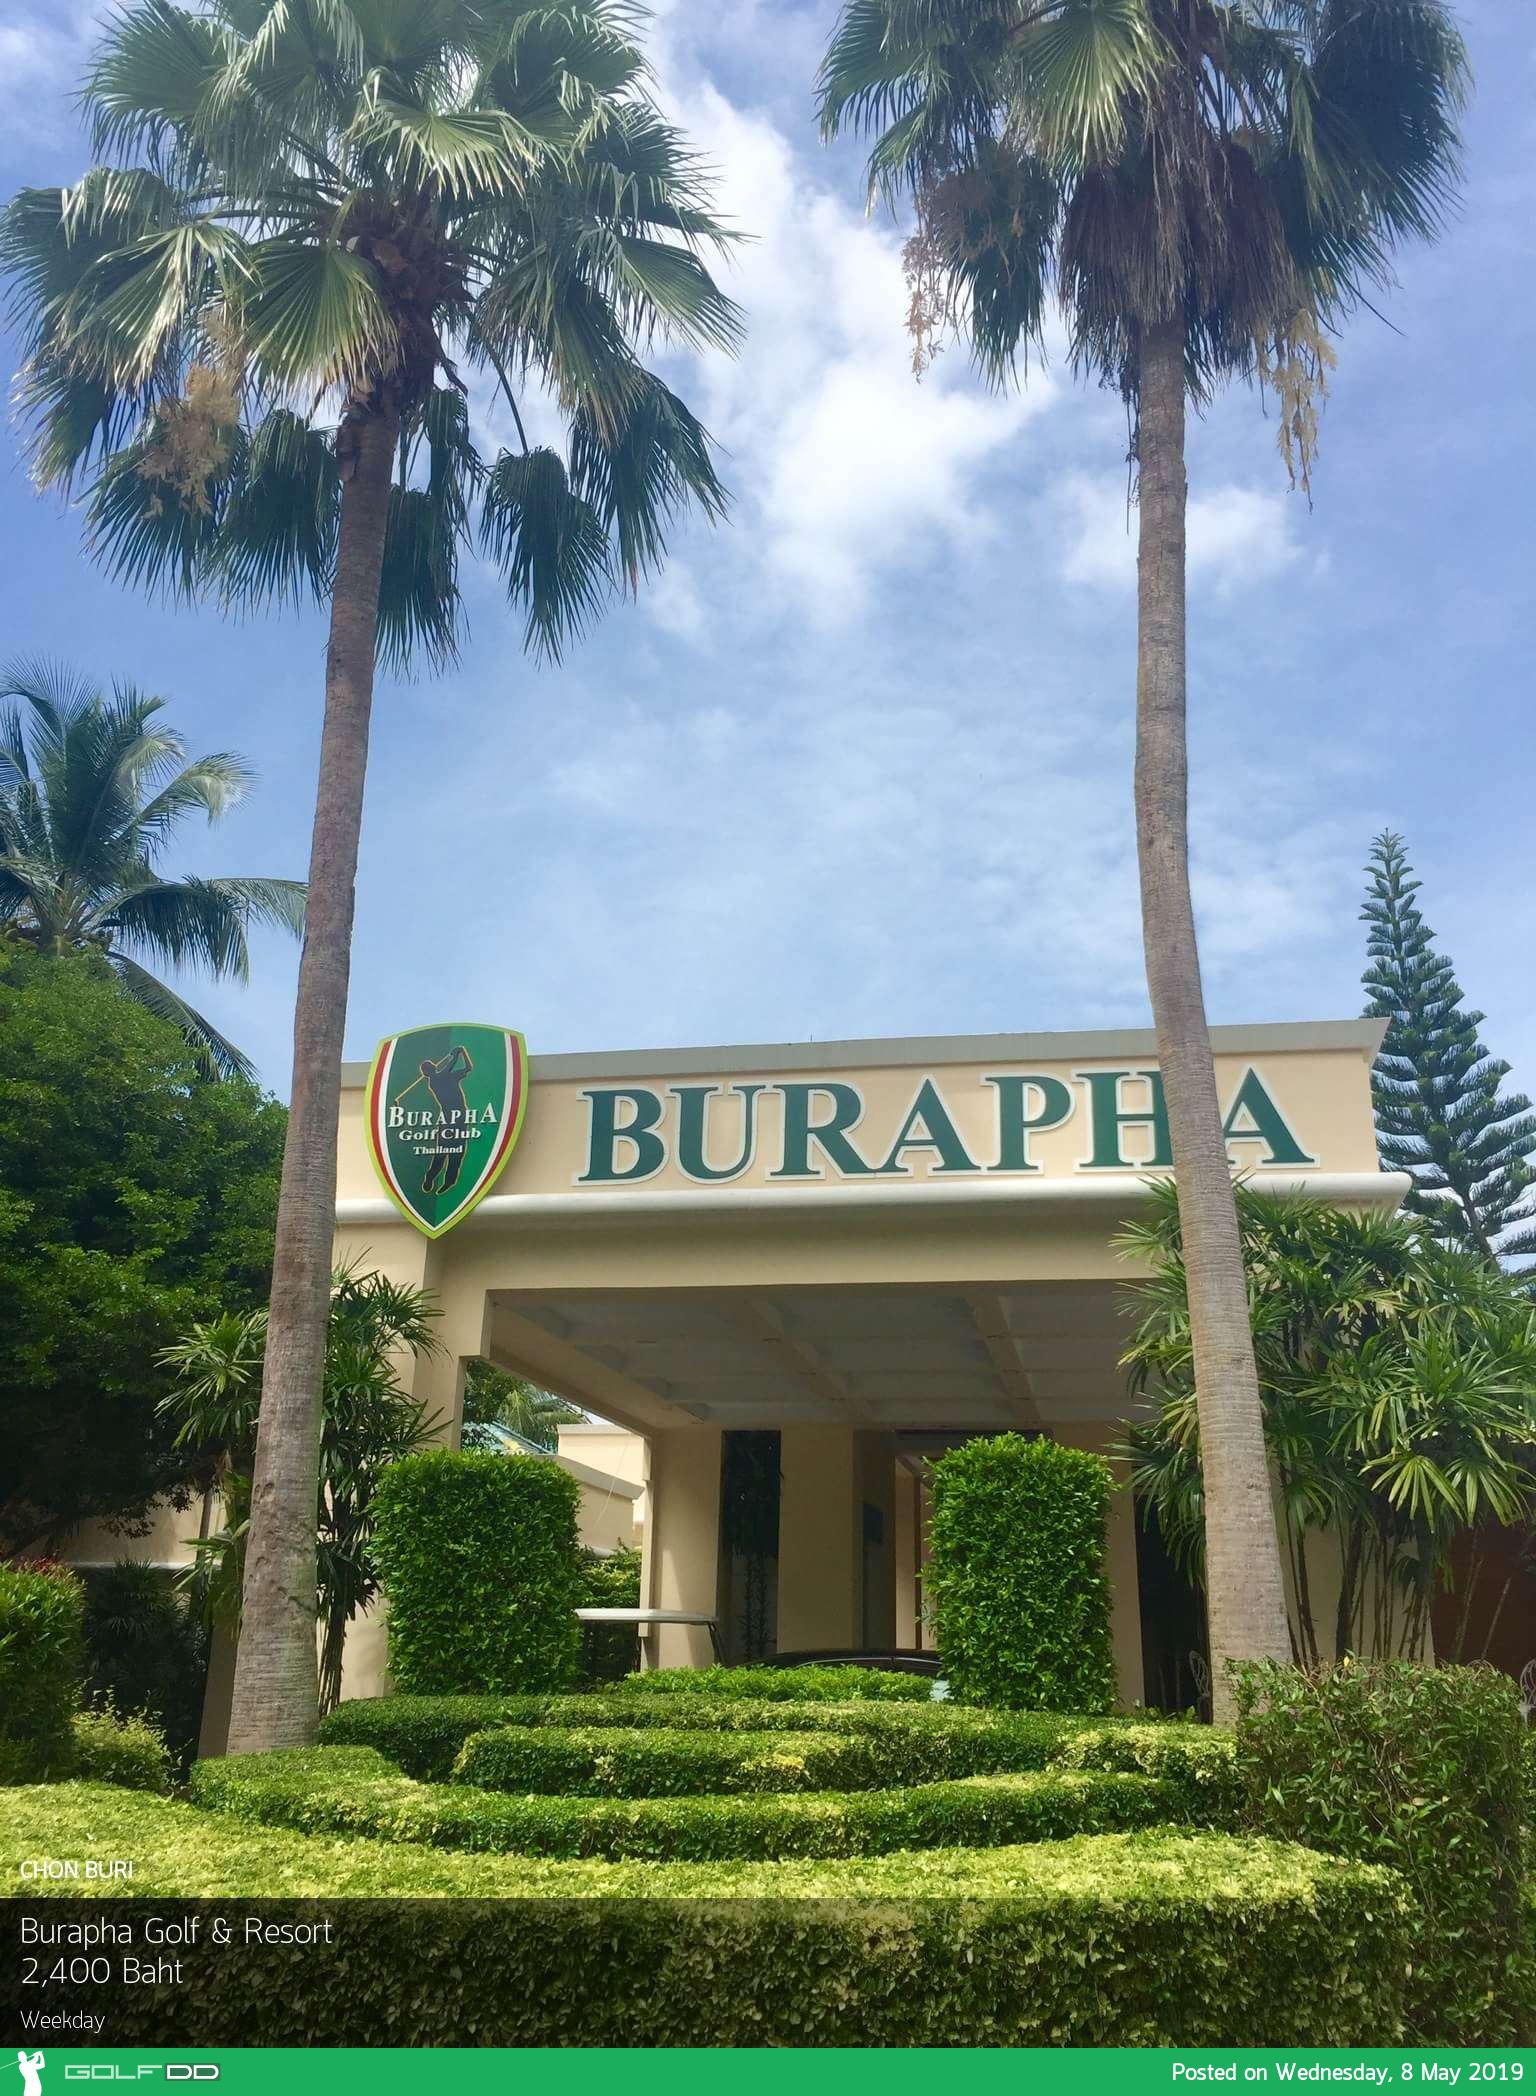 ออกรอบท้าทาย สะใจ ไม่ไกลกรุงเทพฯ ที่ Burapha Golf & Resort ชลบุรี